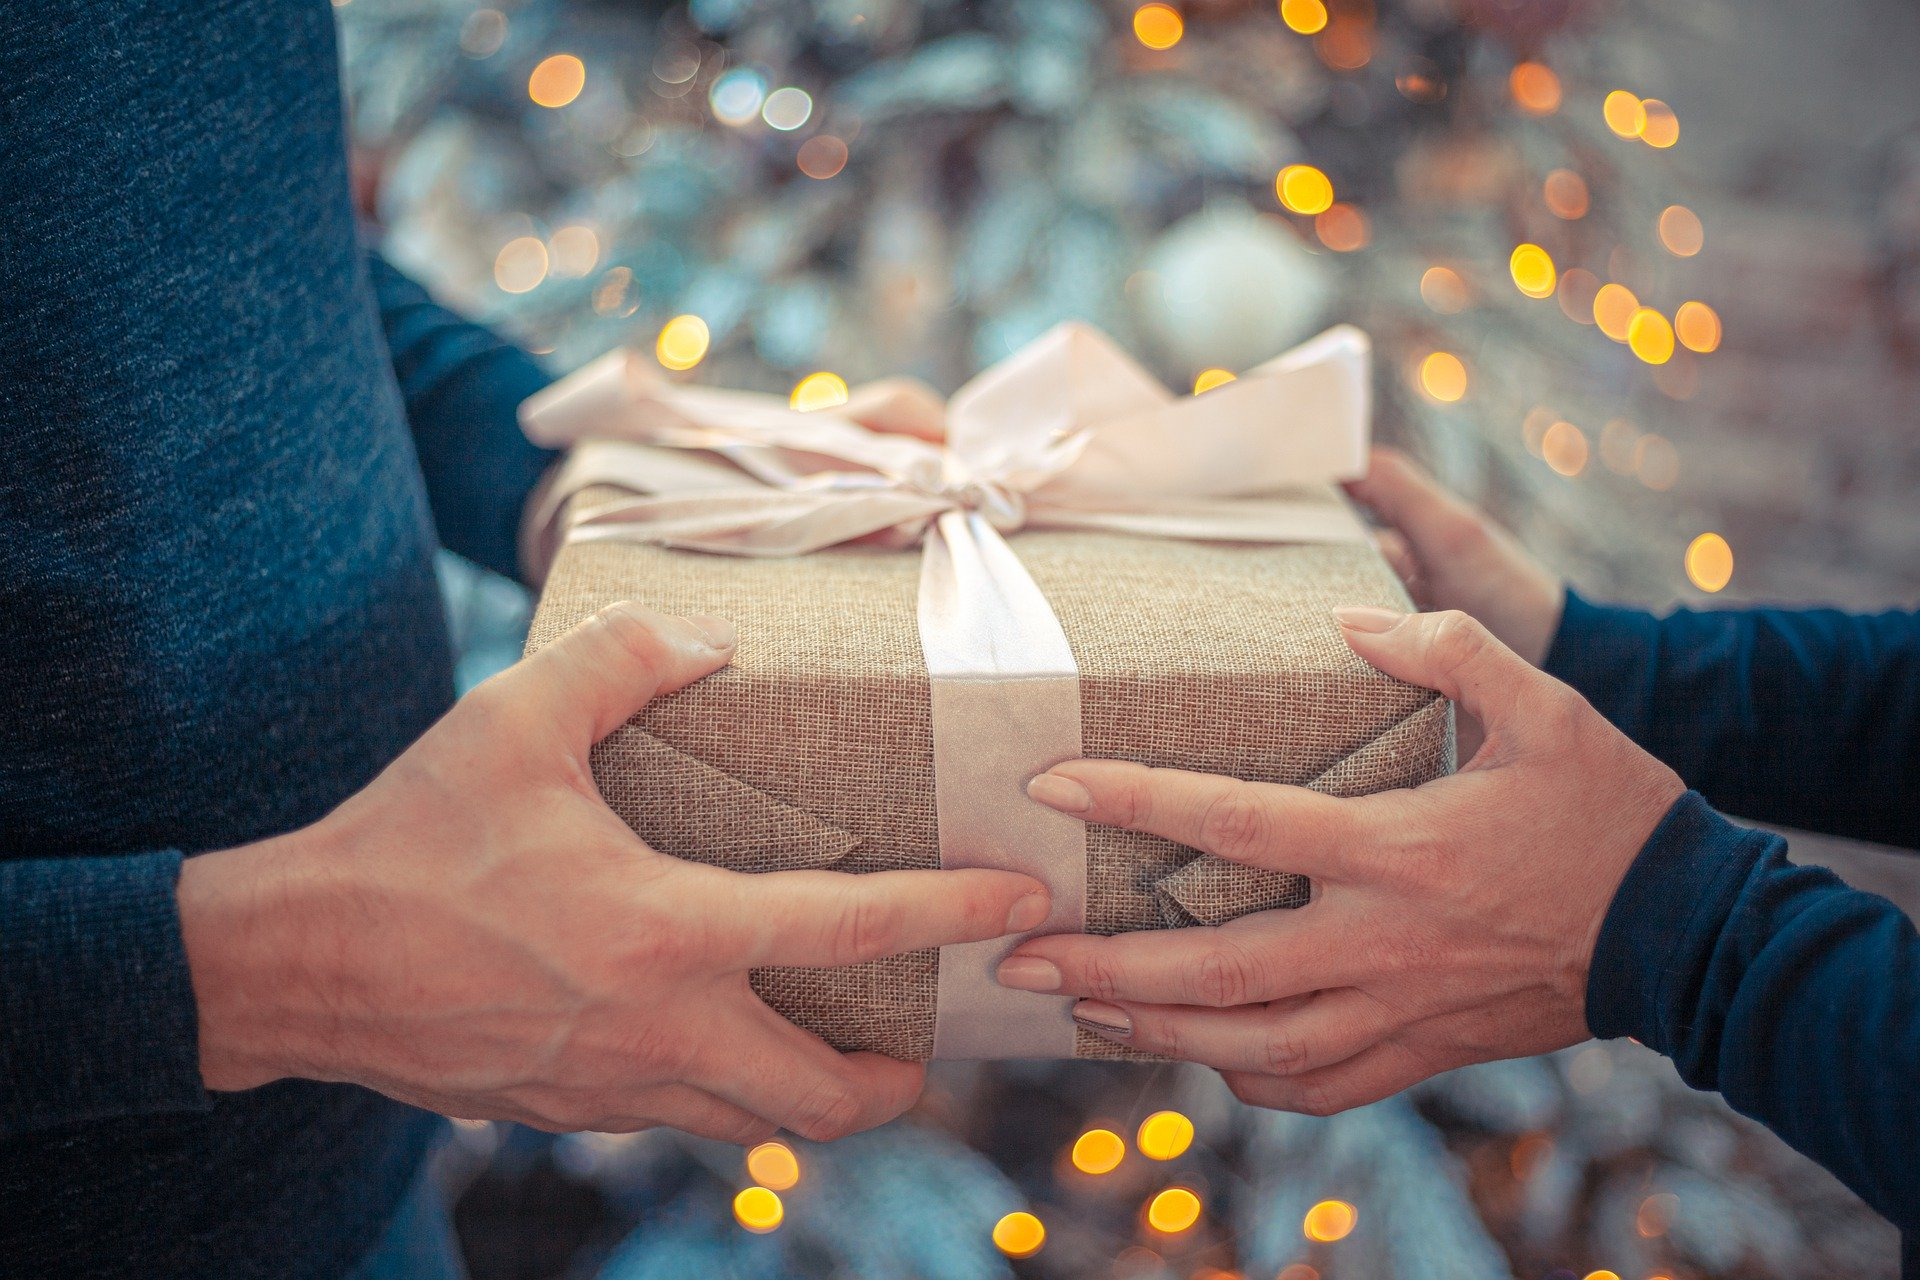 חנוכת בית: רשימת המתנות המוצלחות ביותר!